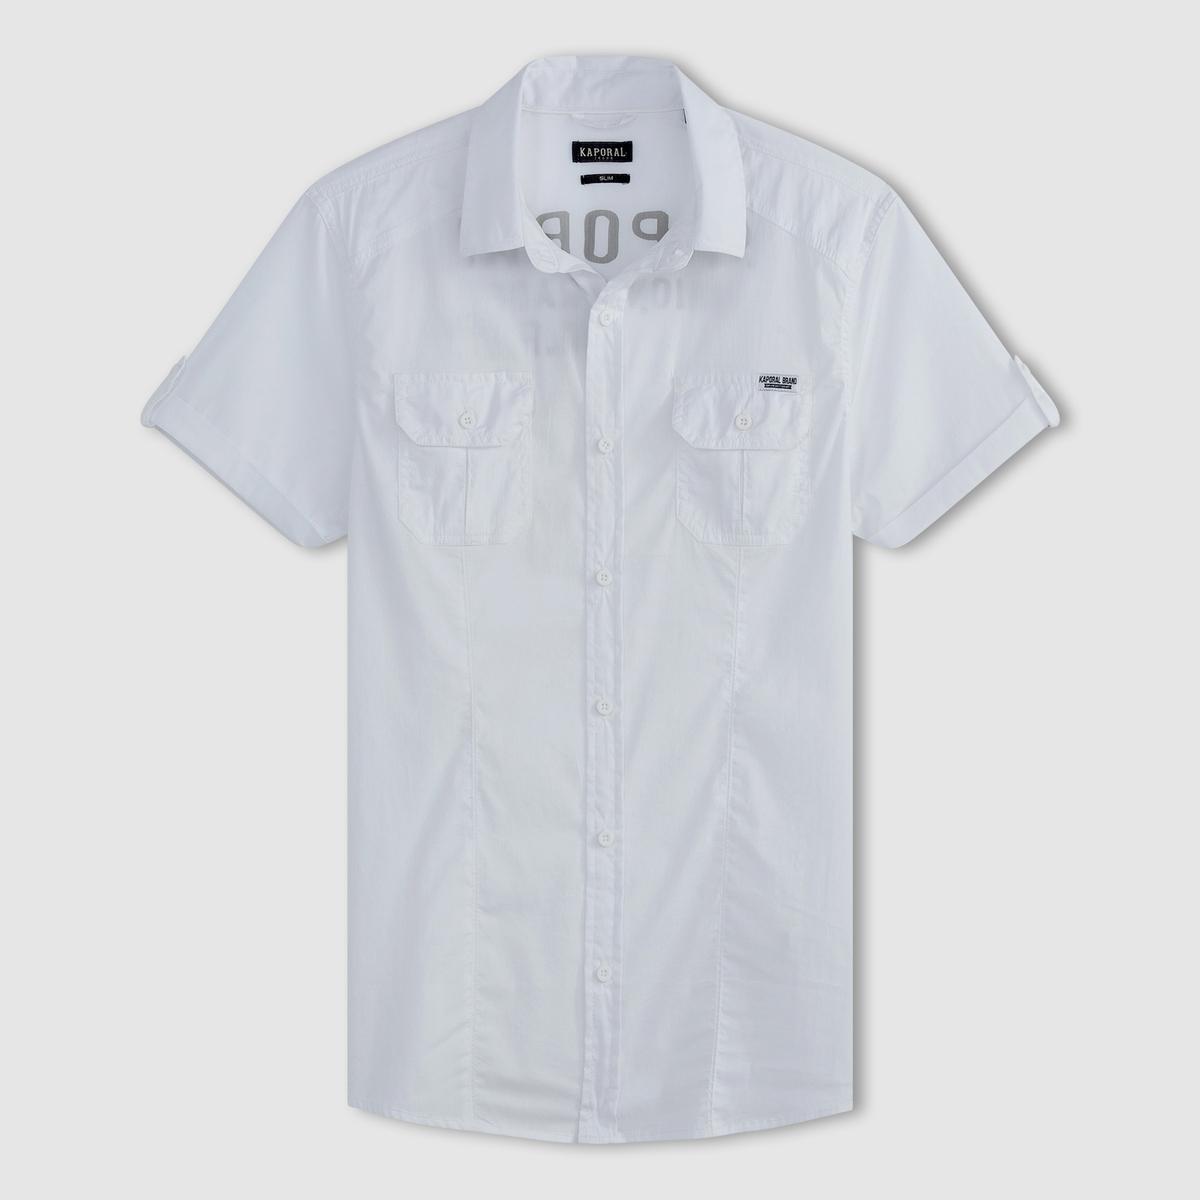 Рубашка с короткими рукавамиСостав и описаниеМатериал: 67% хлопка, 28% полиамида, 5% эластана.Марка: KAPORAL.<br><br>Цвет: белый,коралловый,черный<br>Размер: S.M